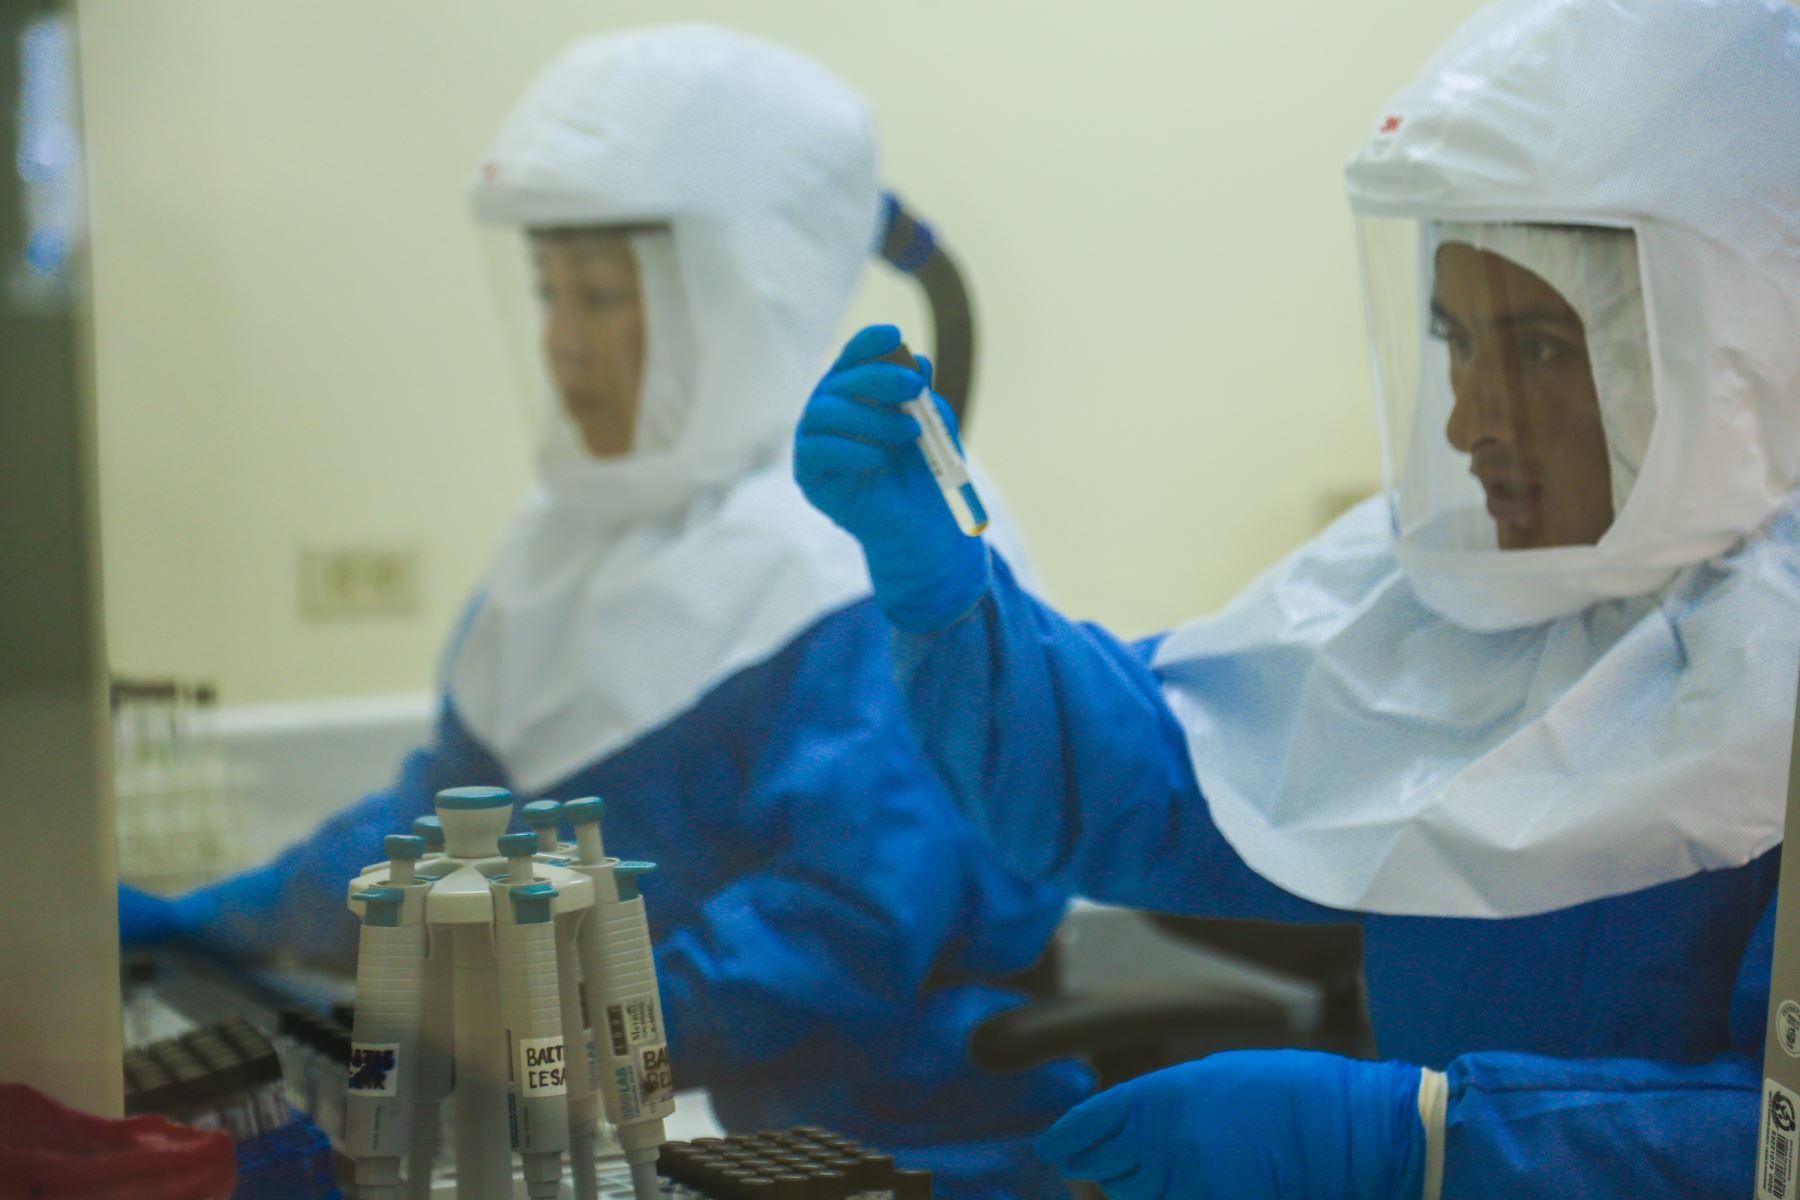 Ministerio de Salud (Minsa), a través del Instituto Nacional de Salud (INS), está preparado para implementar diagnóstico  del nuevo coronavirus que se propaga en China. Foto: Difusión Ministerio de Cultura